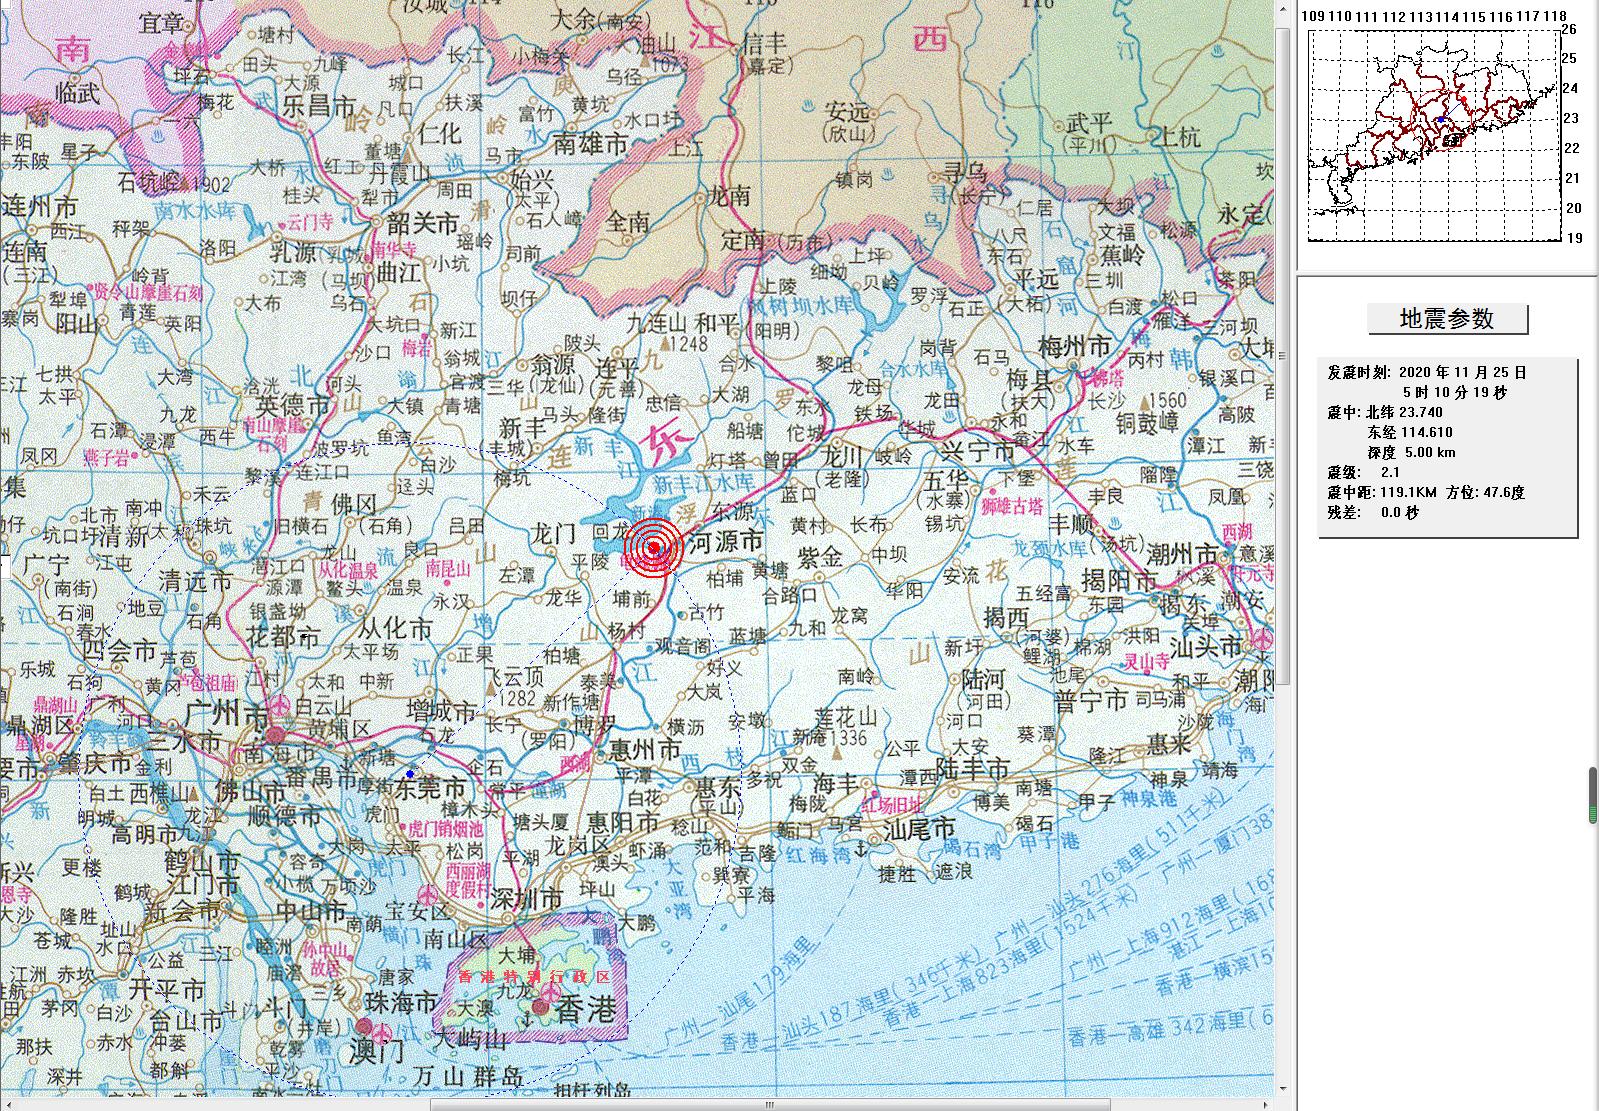 河源今晨地震,东莞的你感受到了吗?市地震局回应